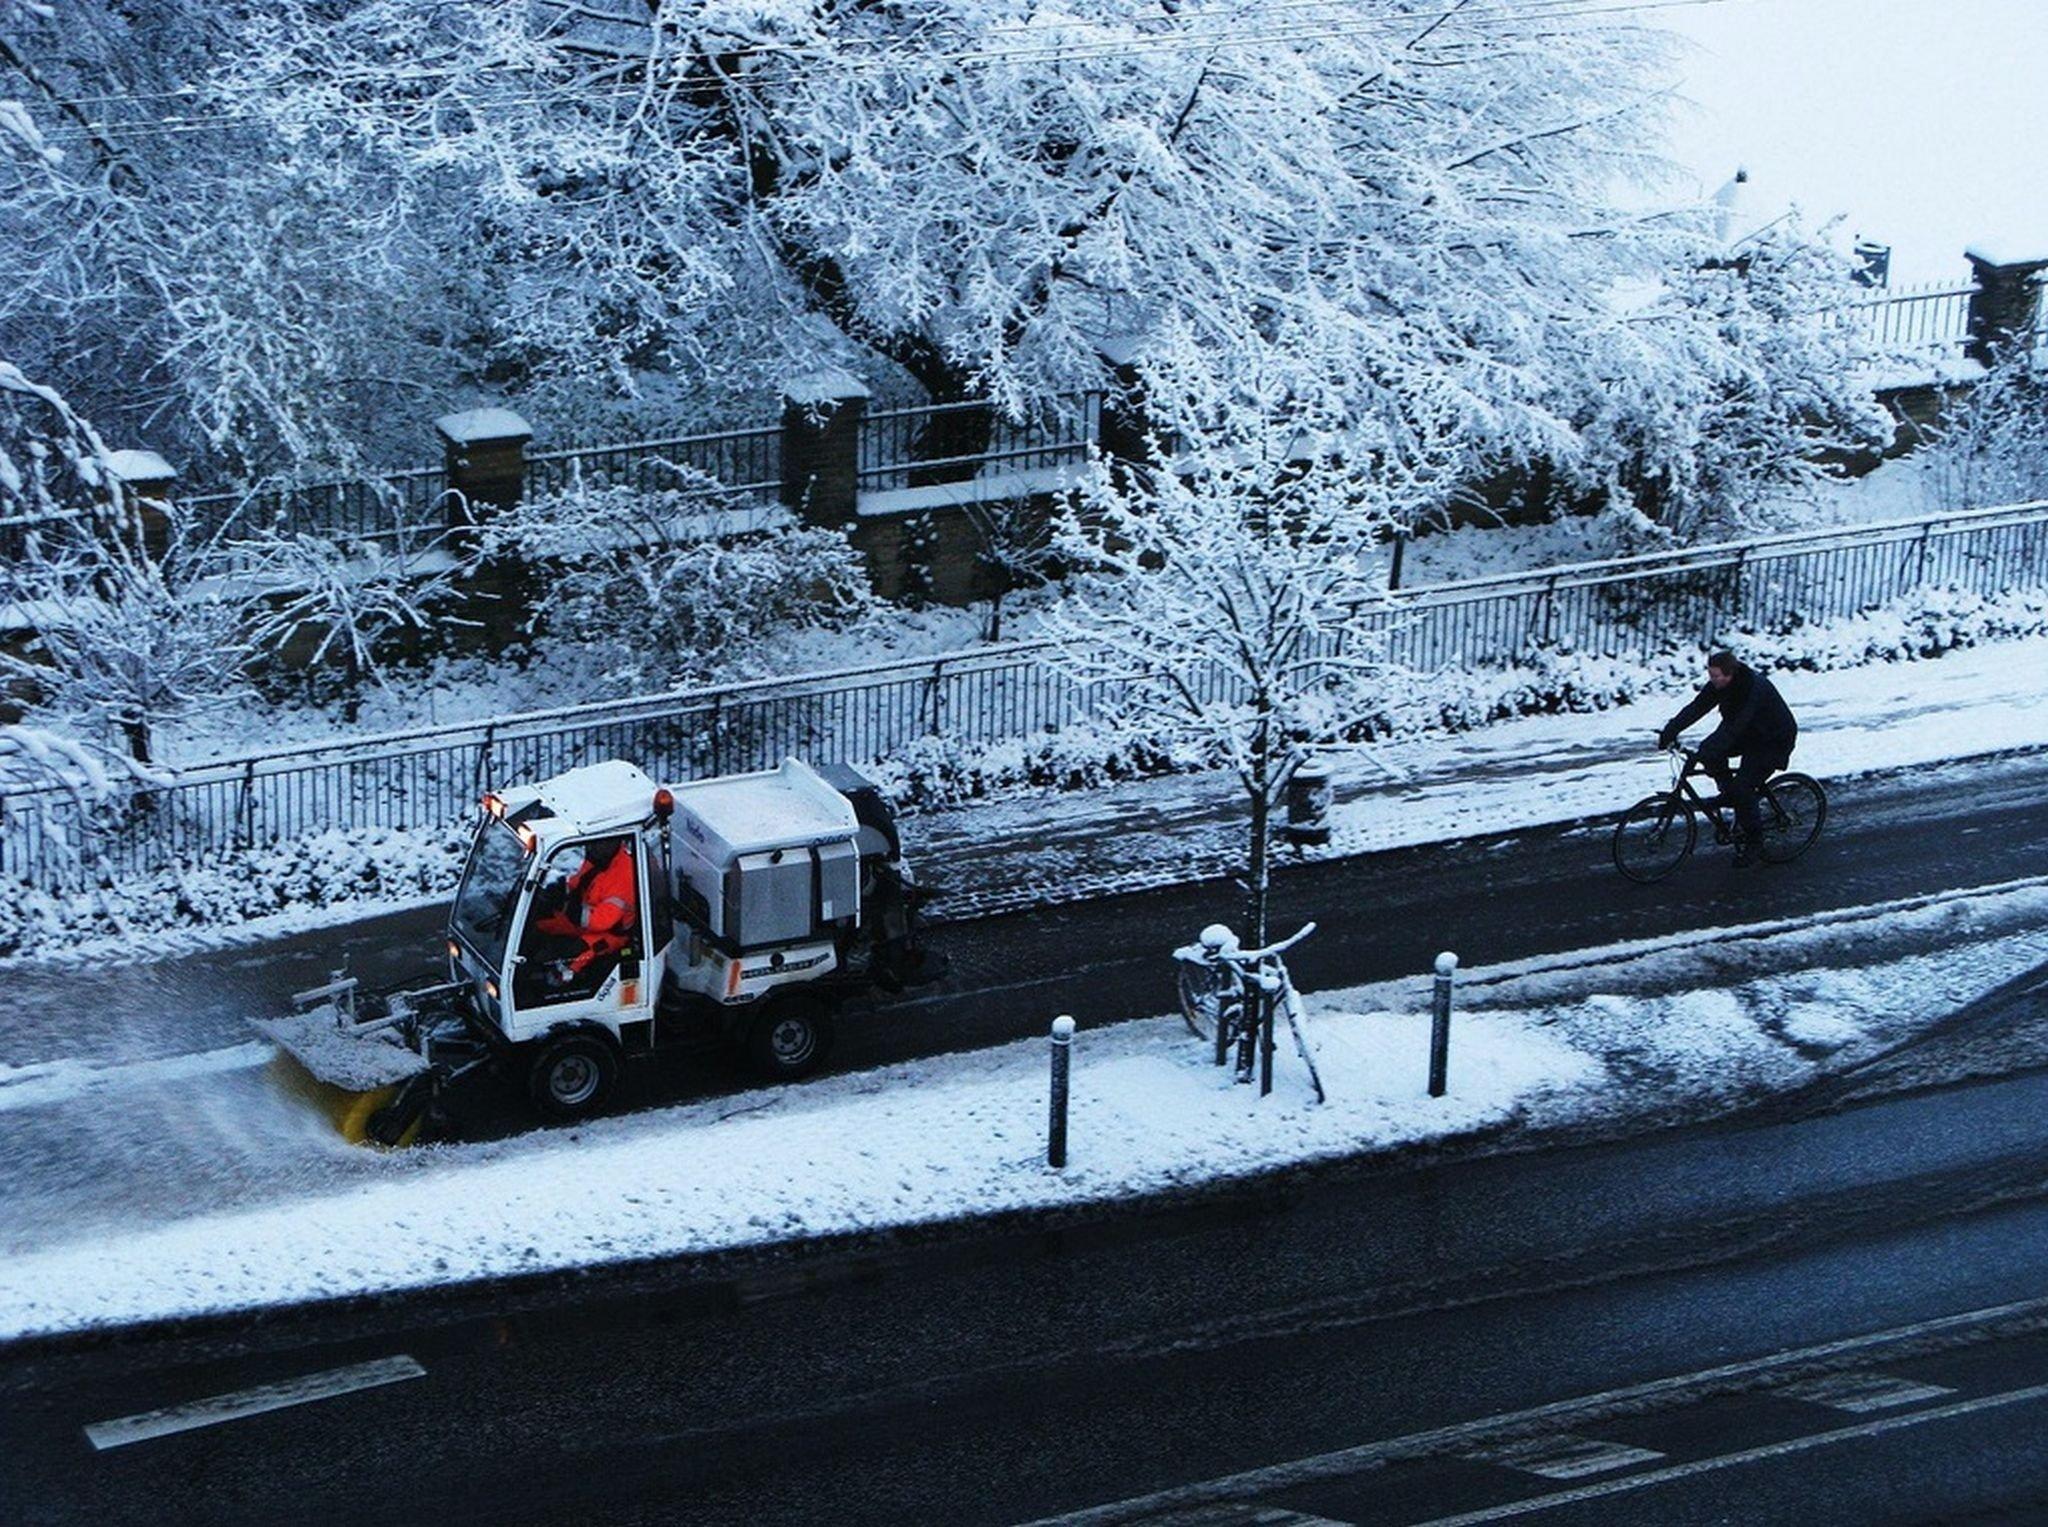 Ein Schneepflug räumt einen verschneiten Radweg.